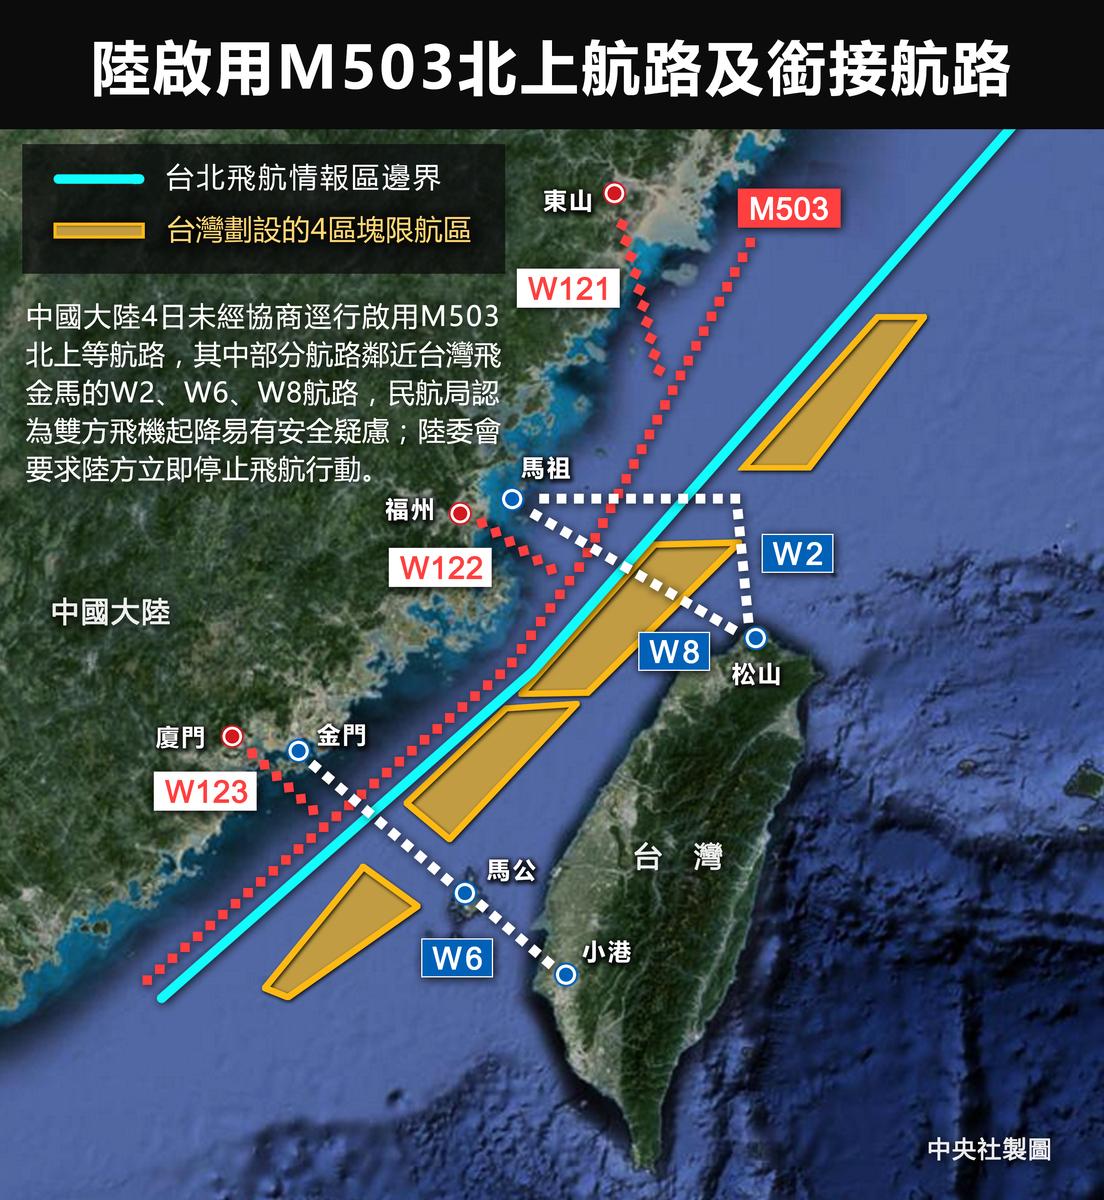 中國大陸廈門及福州塔台4日上午逕行啟用M503北上及W121、W122、W123三條銜接航路,陸委會要求中方立即停止飛航行動。(中央社)